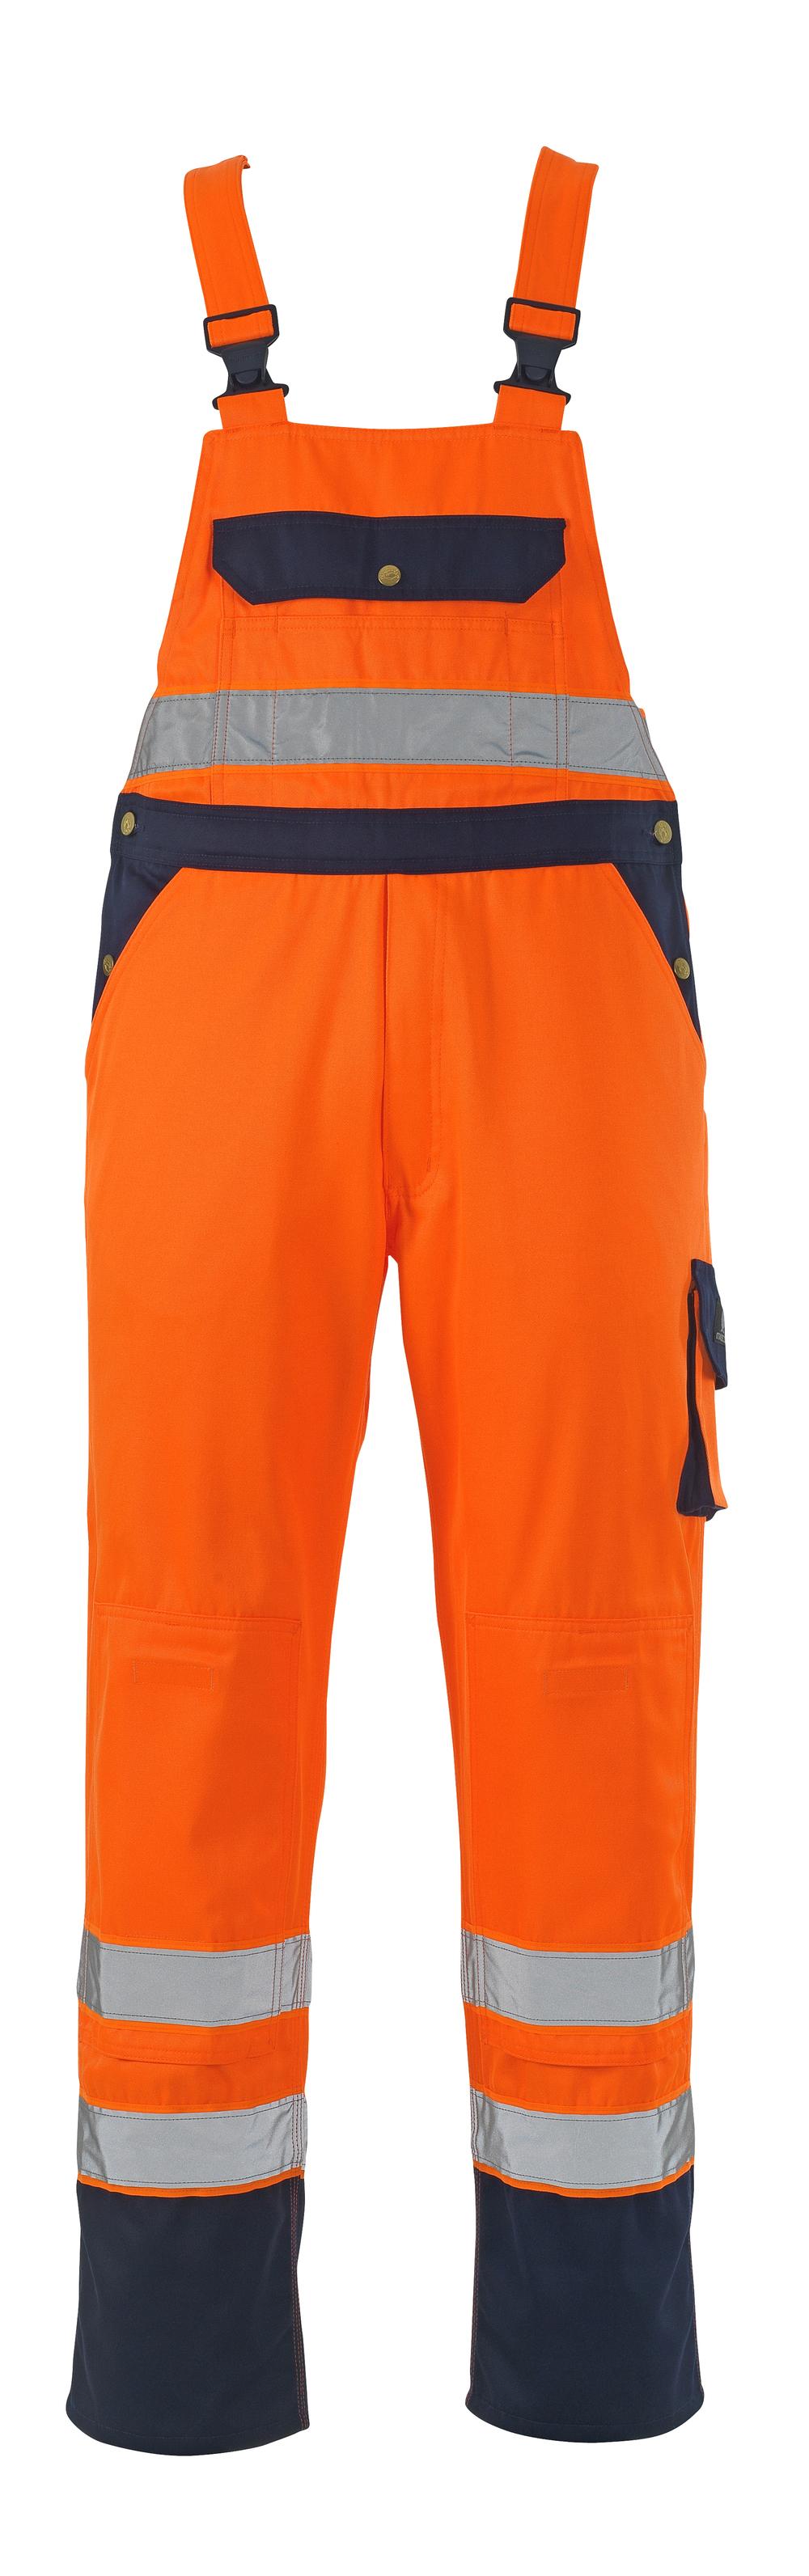 00969-860-141 Overall med knælommer - hi-vis orange/marine